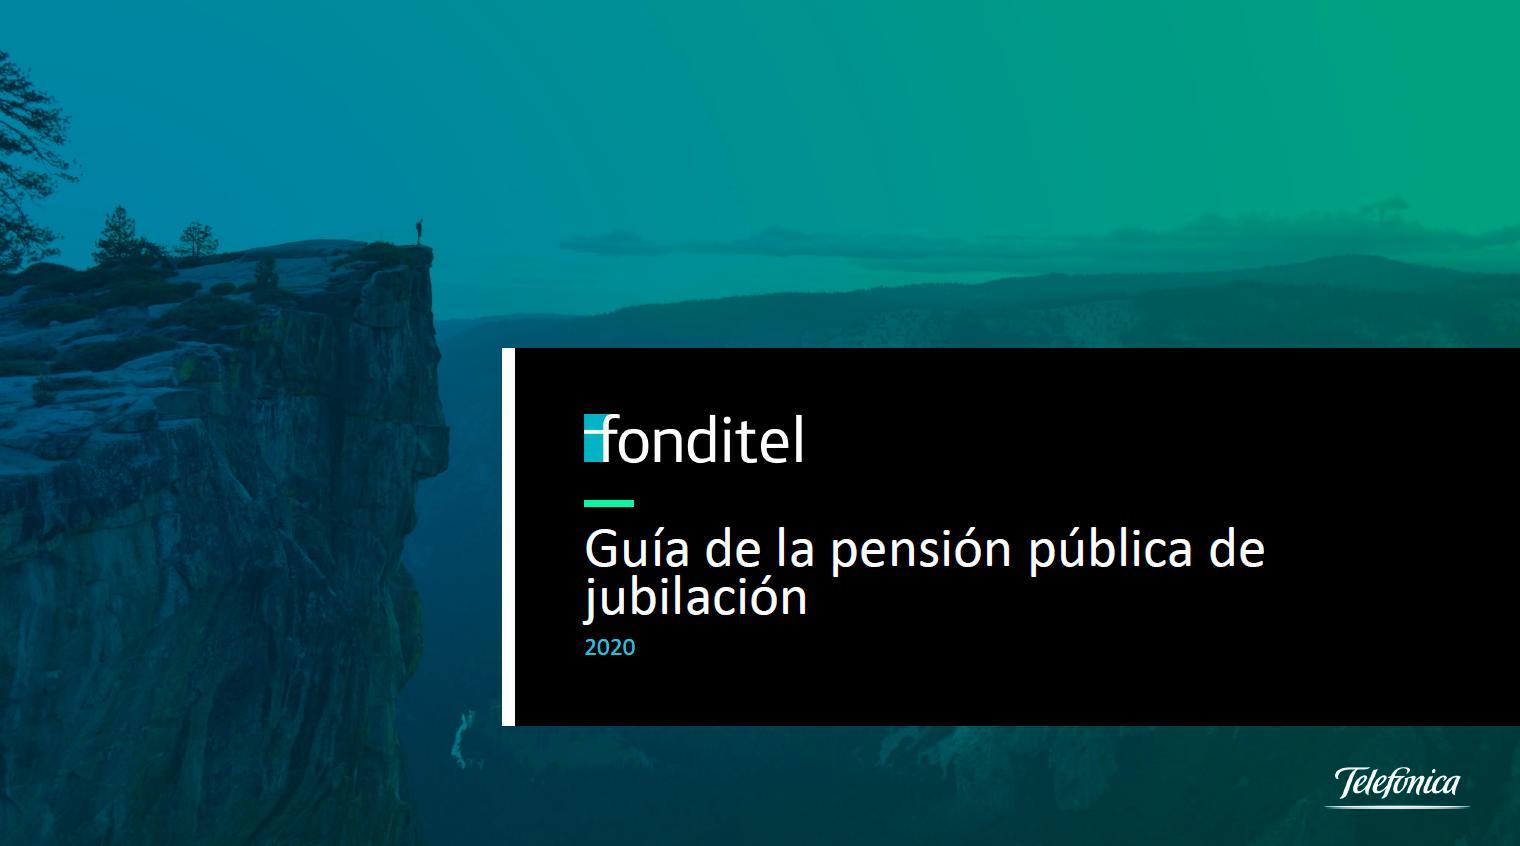 Guía de la Pensión Pública de Jubilación 2020